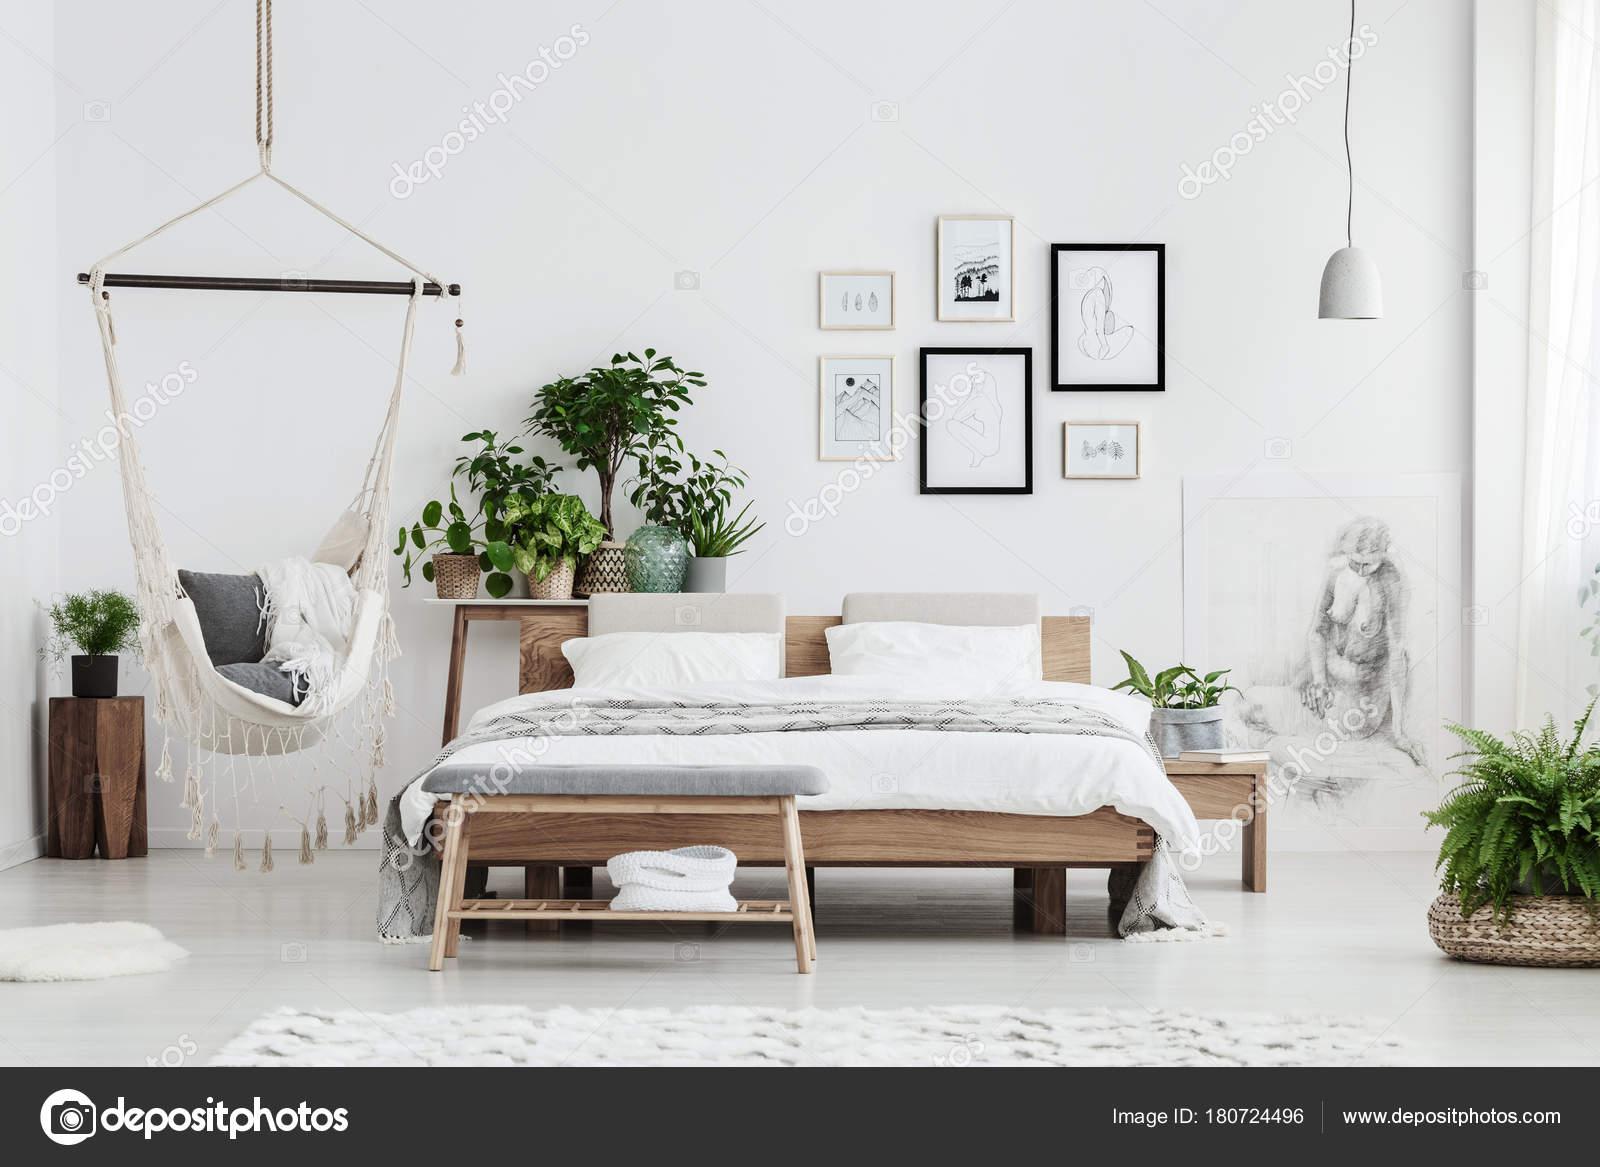 natuurlijke slaapkamer met posters stockfoto